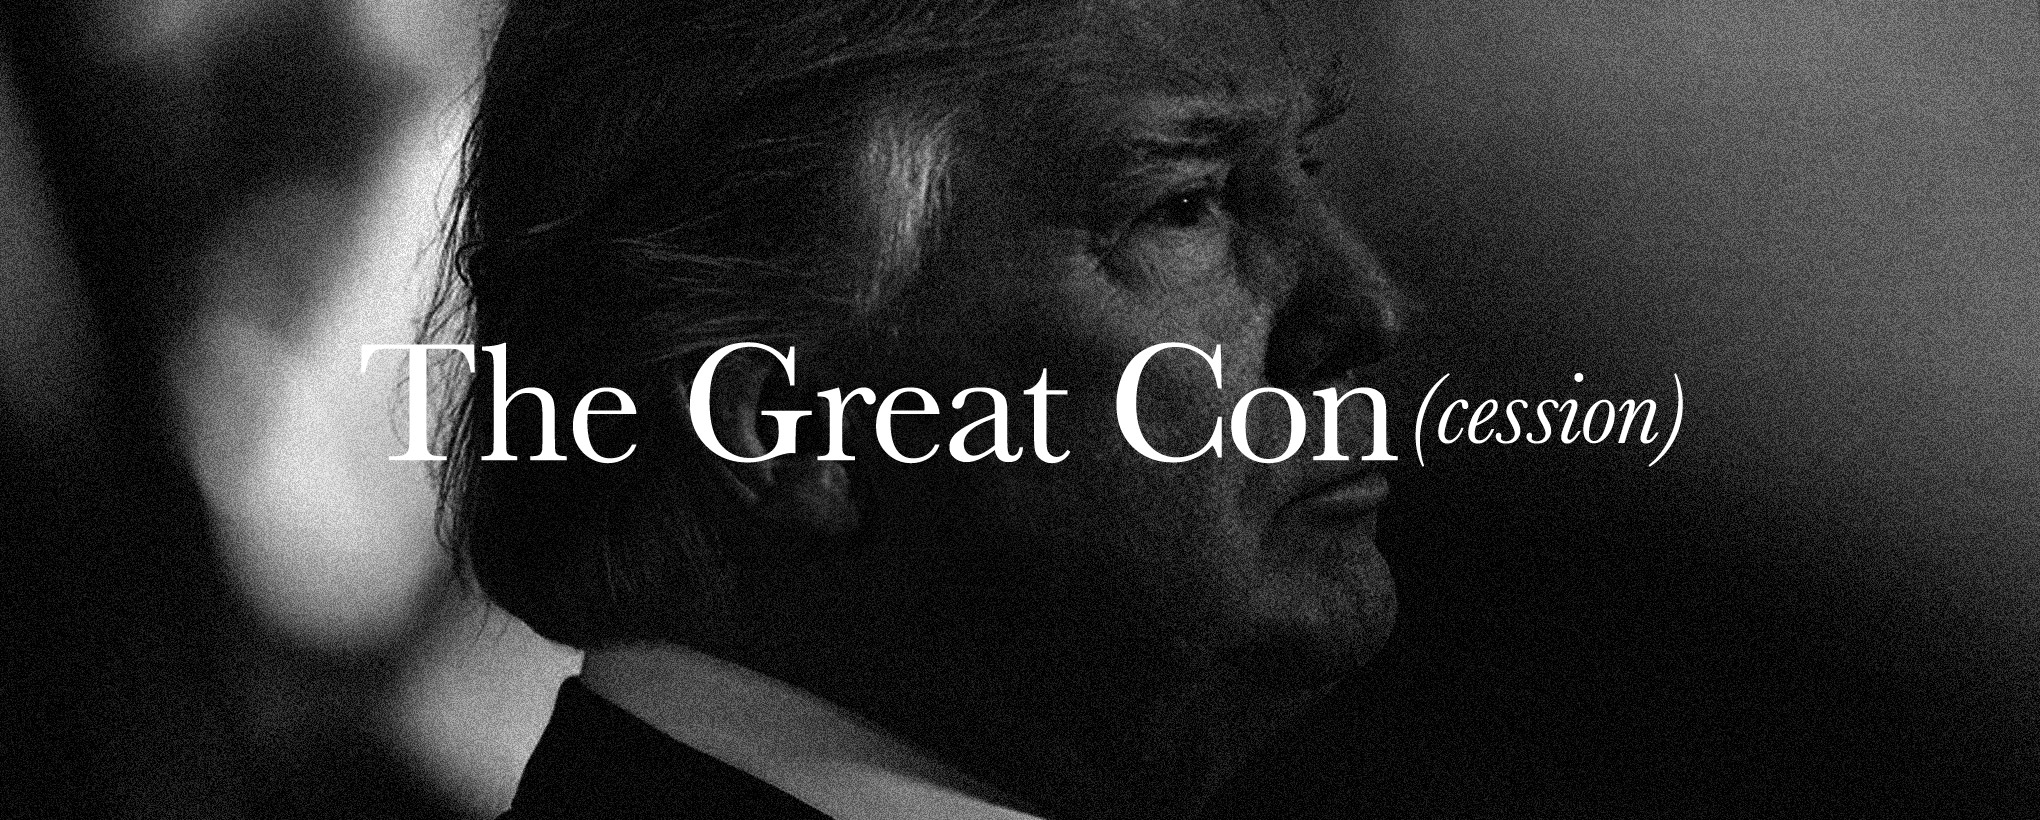 The Great Con(cession)